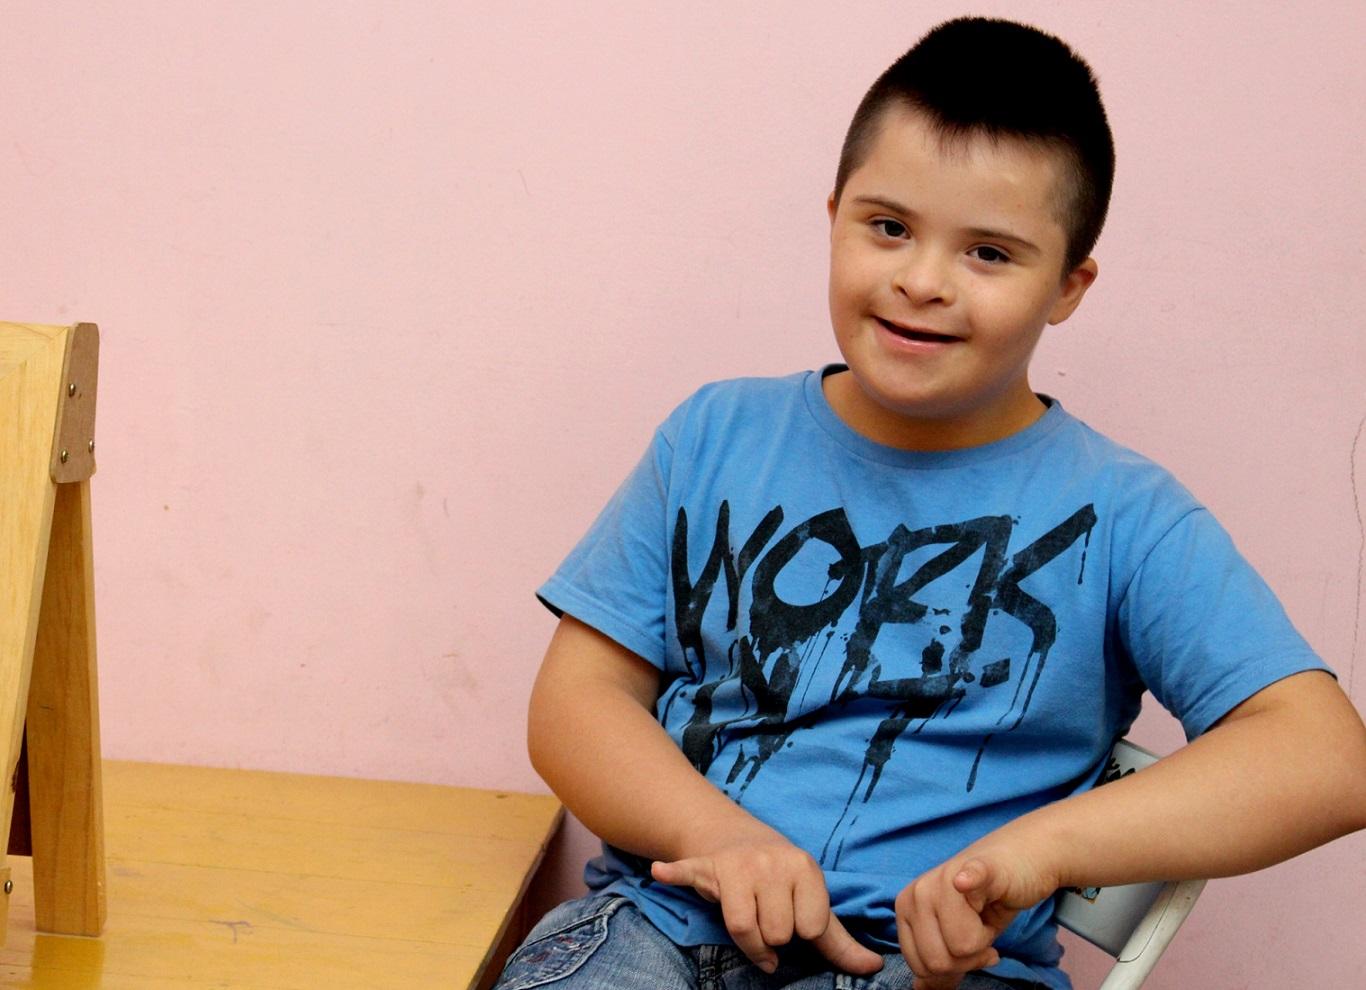 Una persona con síndrome de Down.